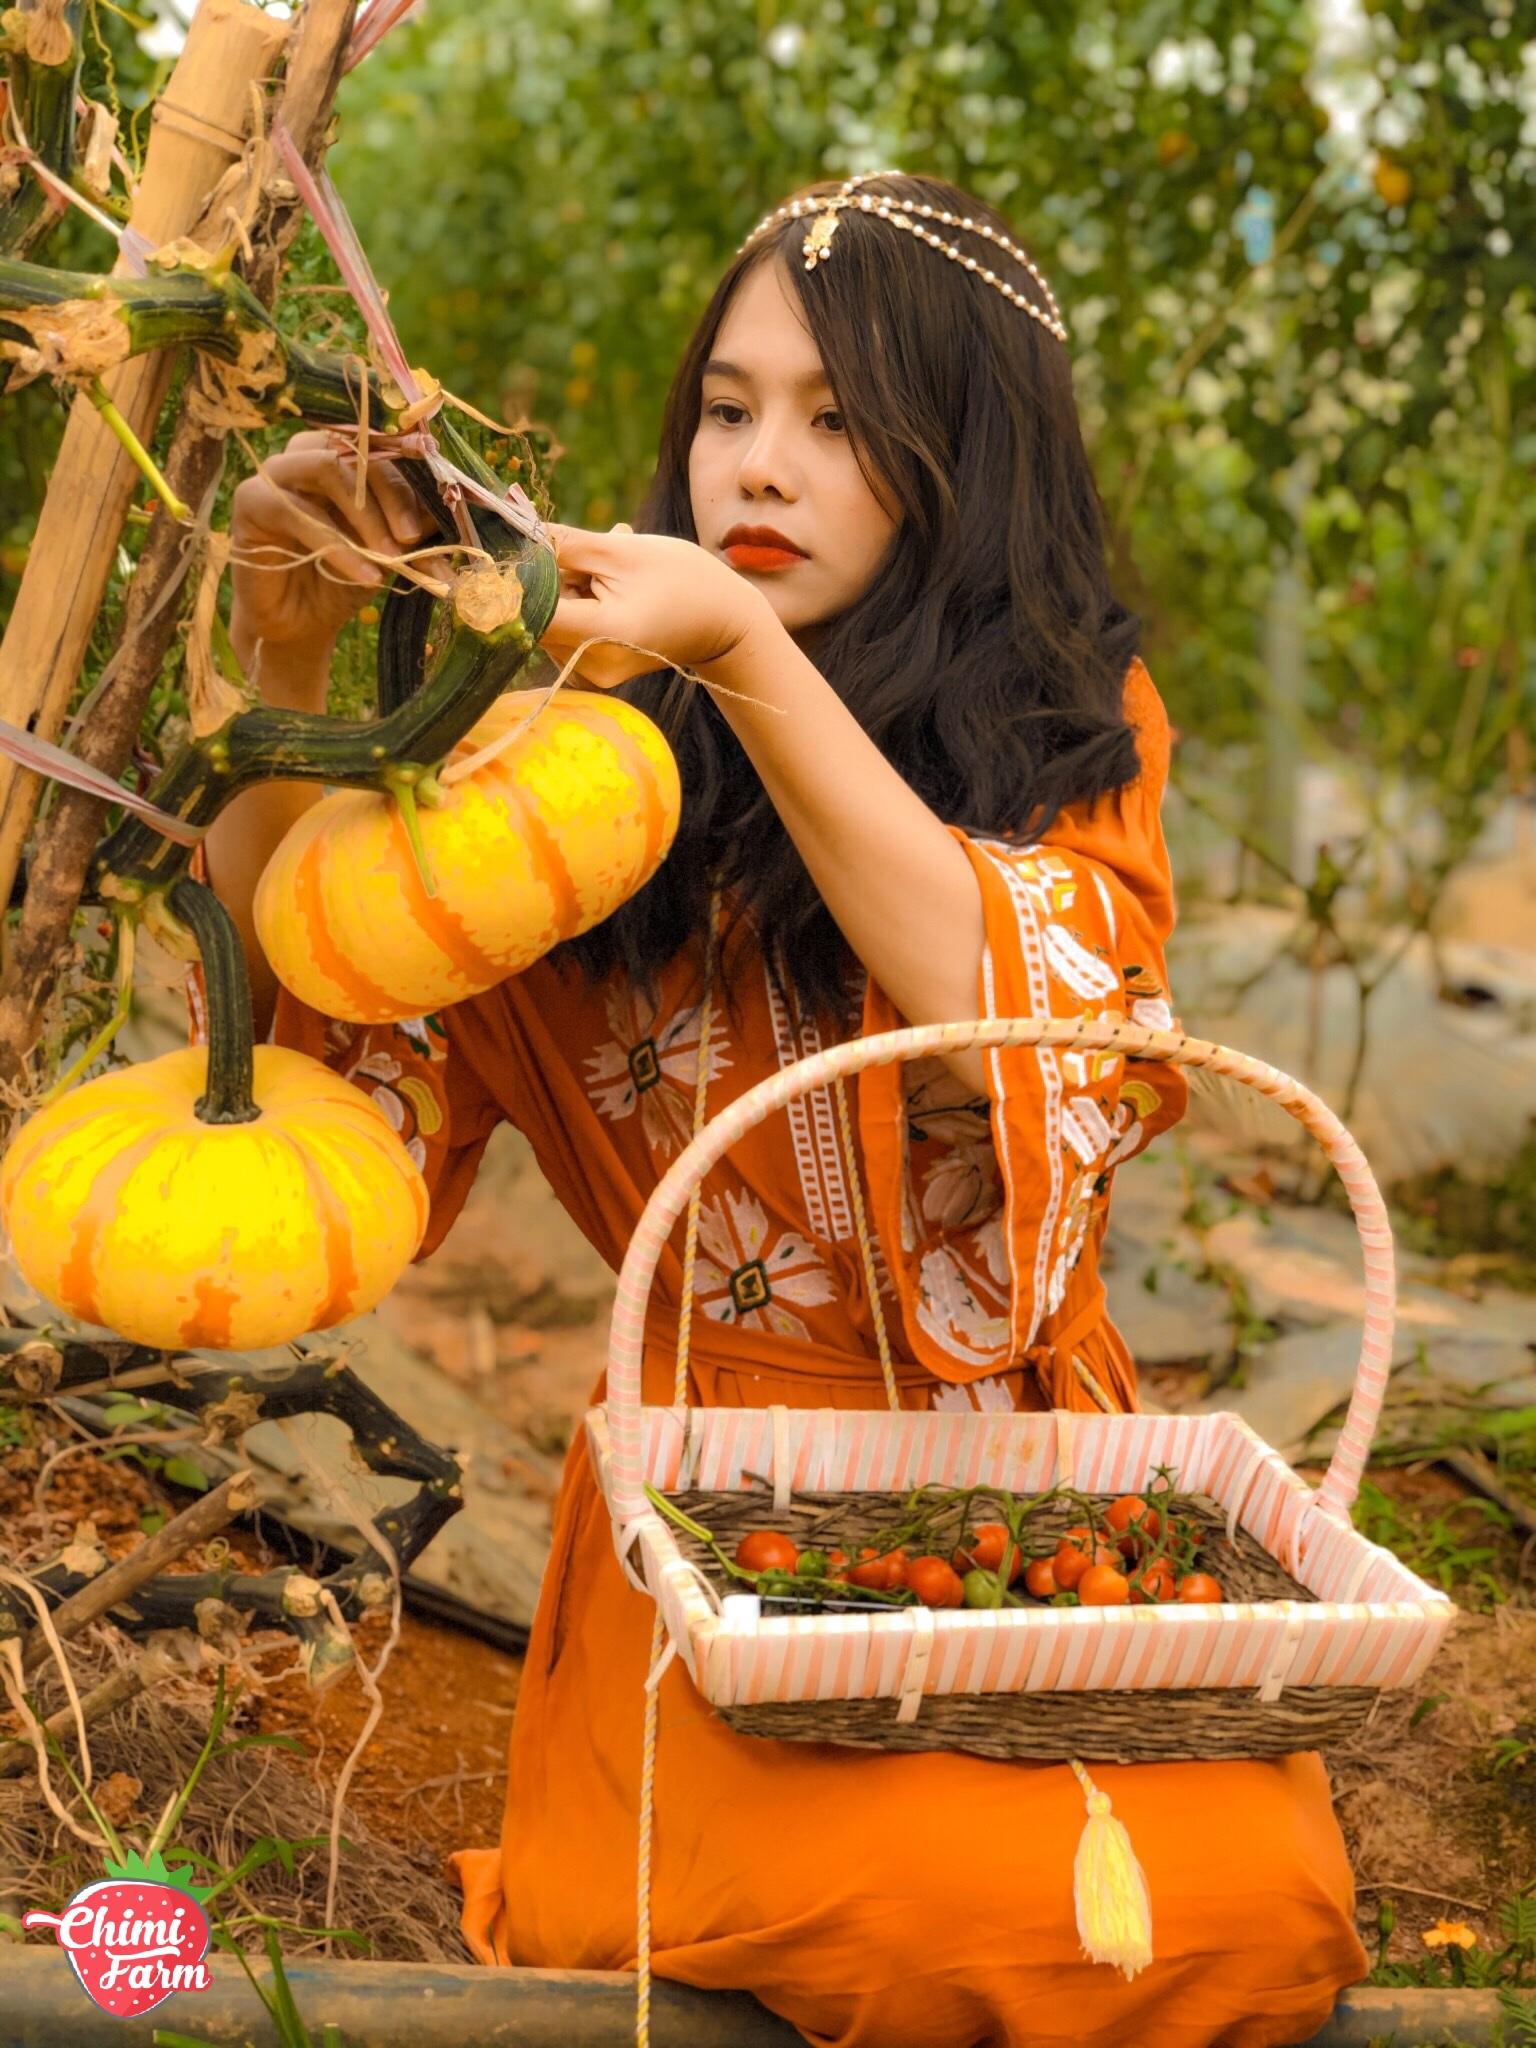 Vườn bí ngô là điểm check-in thần thánh của Chimi Farm